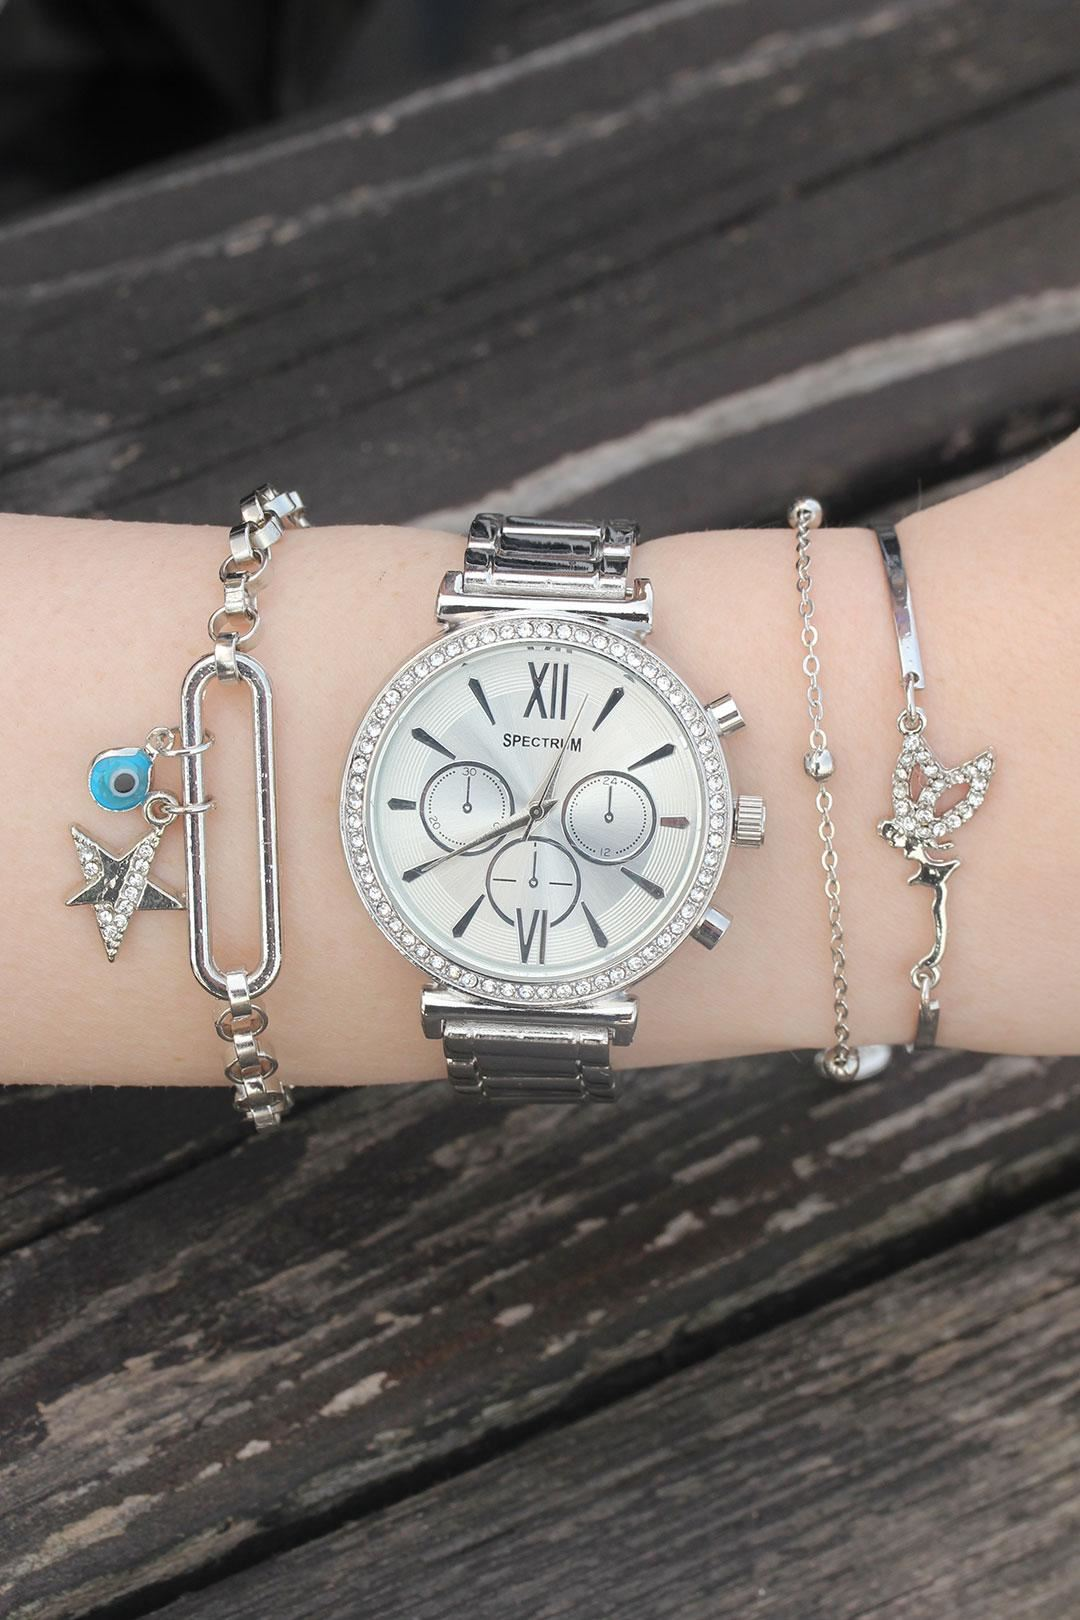 Silver Renk Taşlı Metal Saat ve Bileklik Kombini